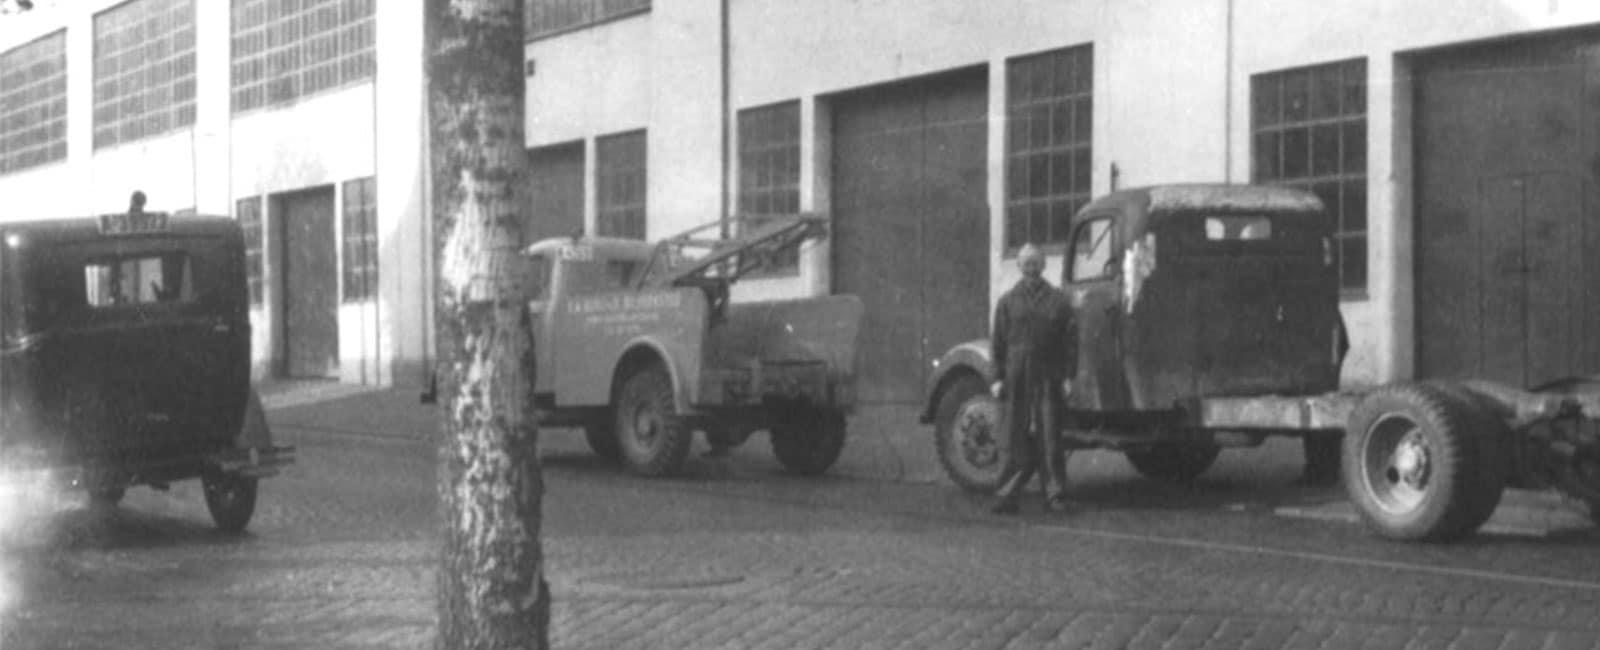 Birger N. Haug feirer 70 år i 2017! Fra et enkelt verksted på Bislett i 1947 til 250 ansatte fordelt på seks flotte anlegg i Oslo, Akershus og Buskerud.